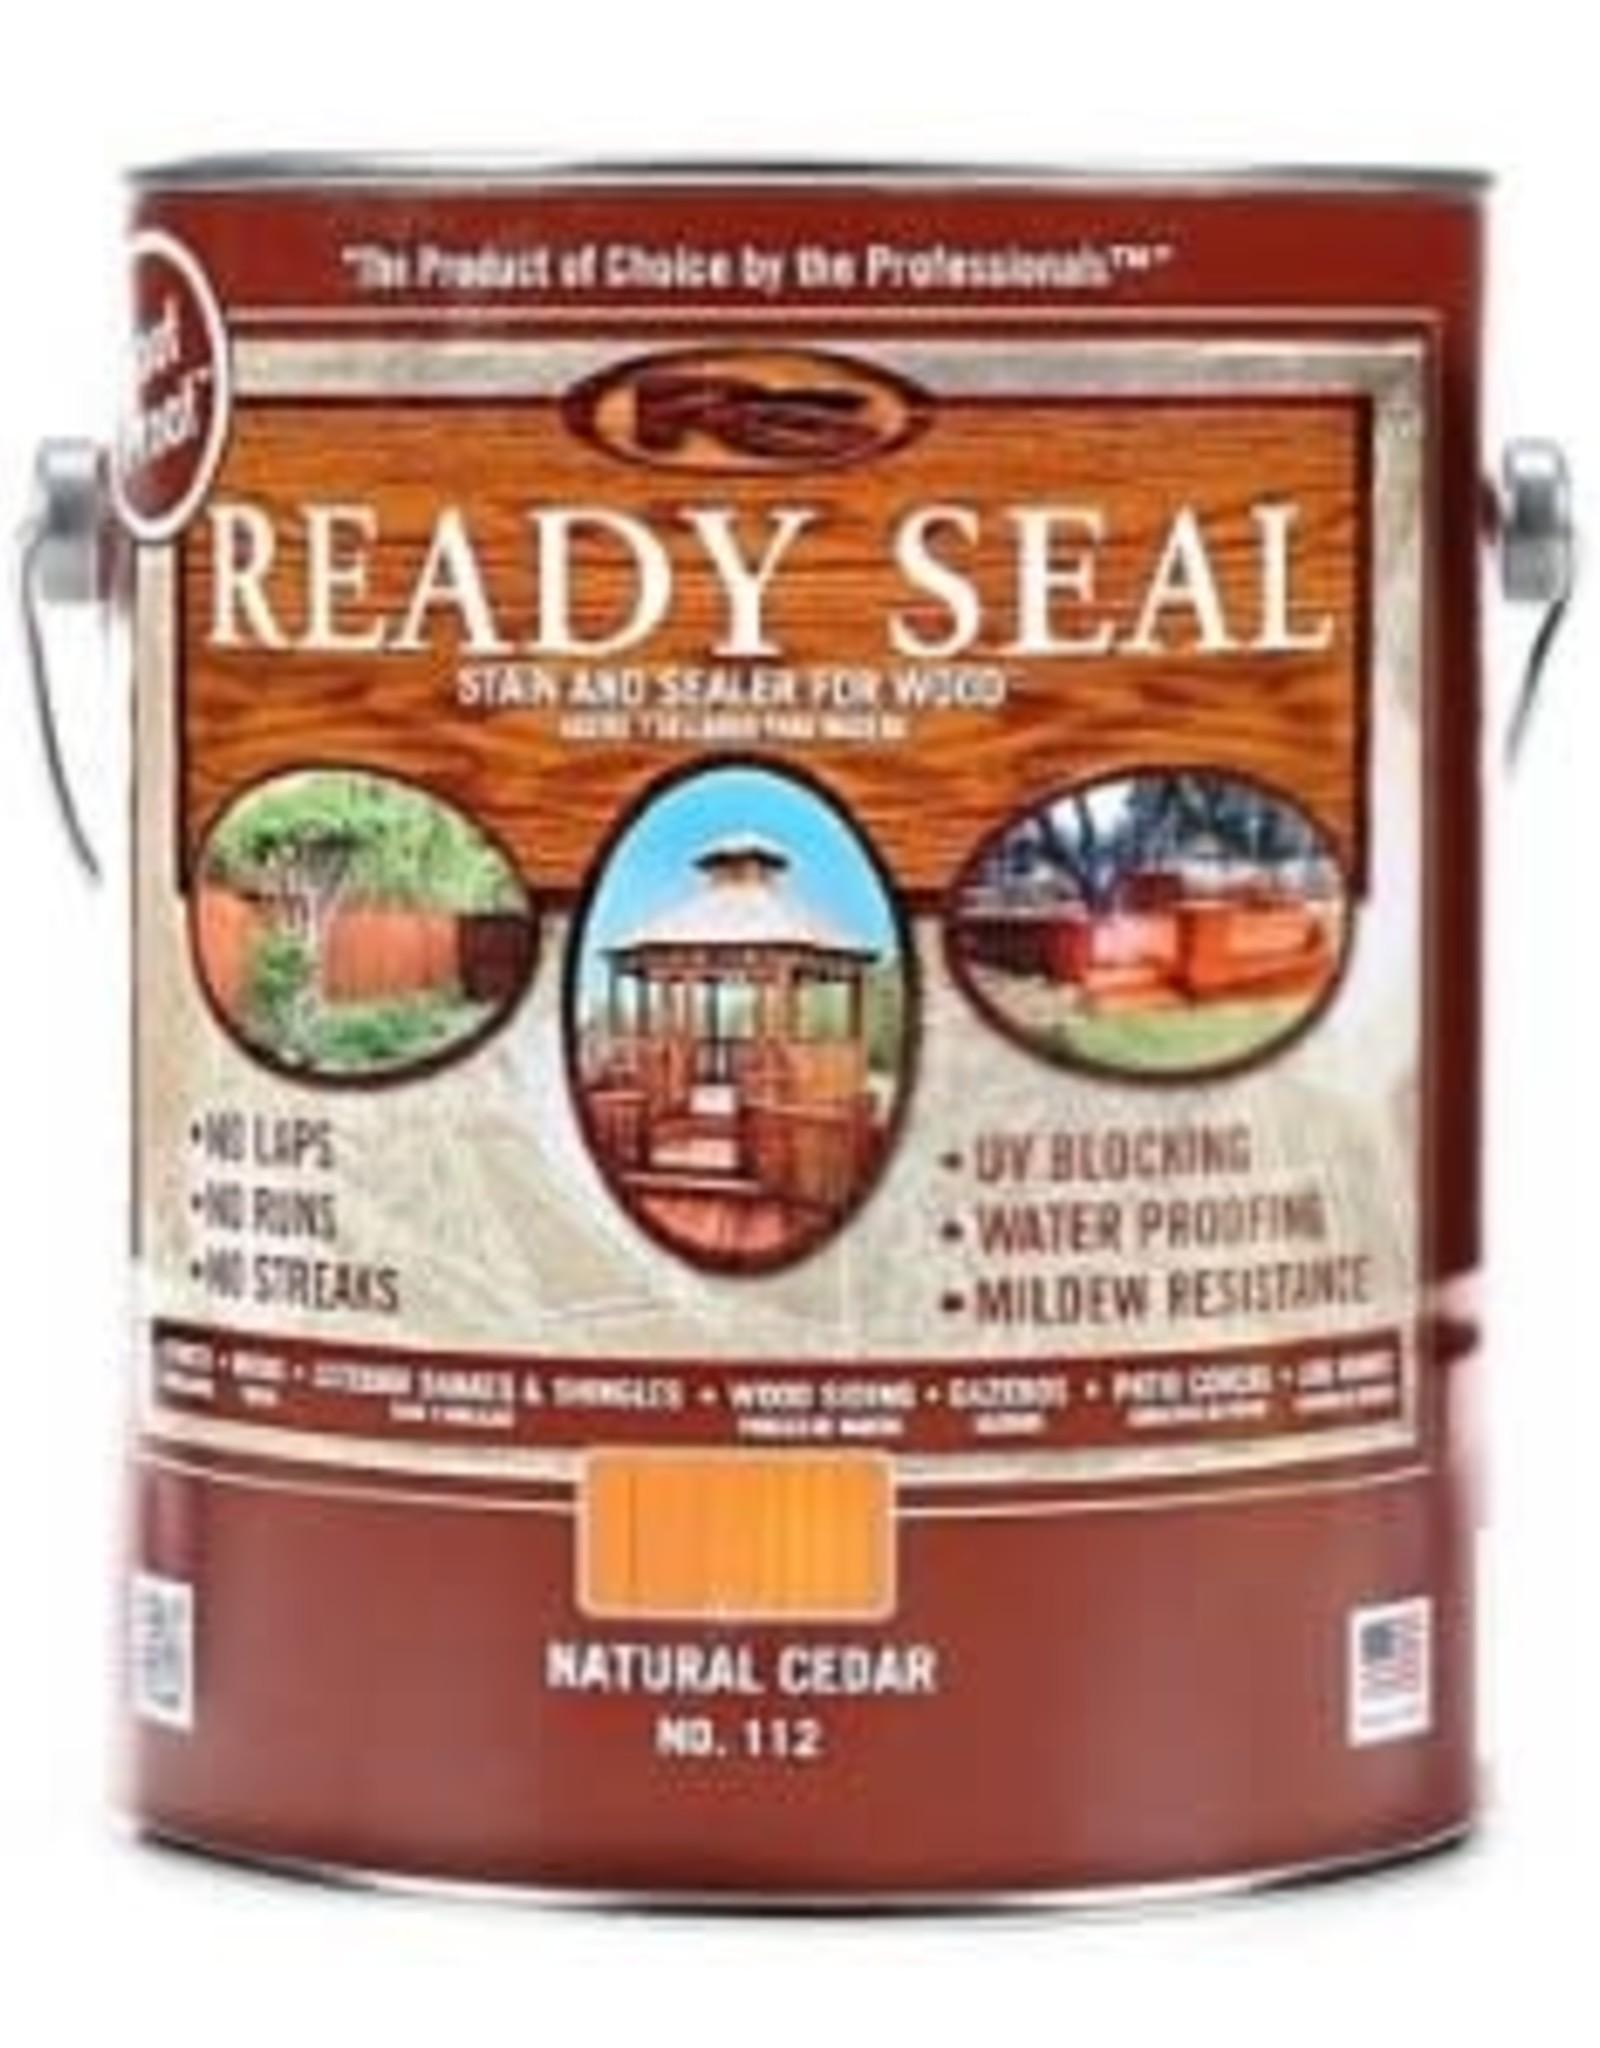 Ready Seal Ready Seal - 1 - Gallon -  Natural Cedar